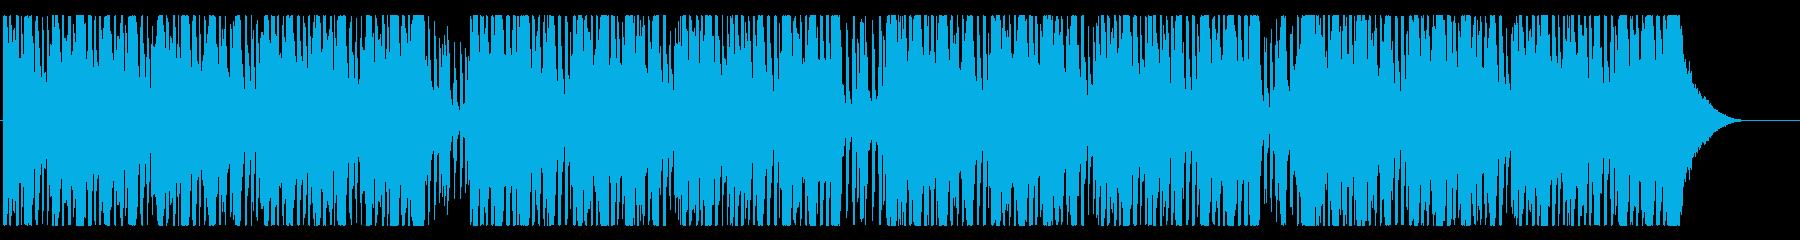 LIVE SE向き ROCK系 BGMの再生済みの波形